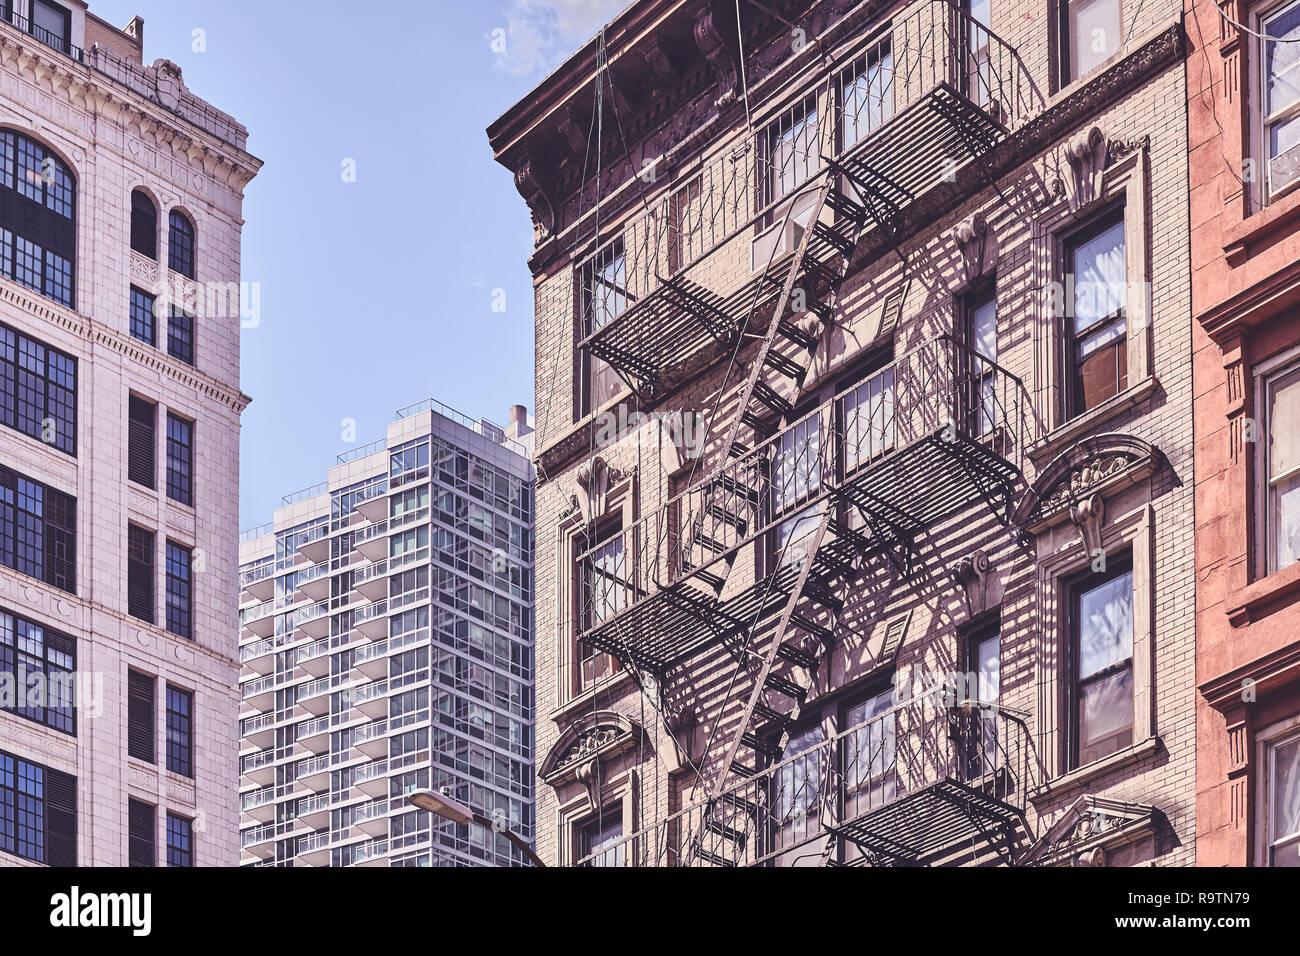 Ancien bâtiment de secours colorés rétro appliqué new york city